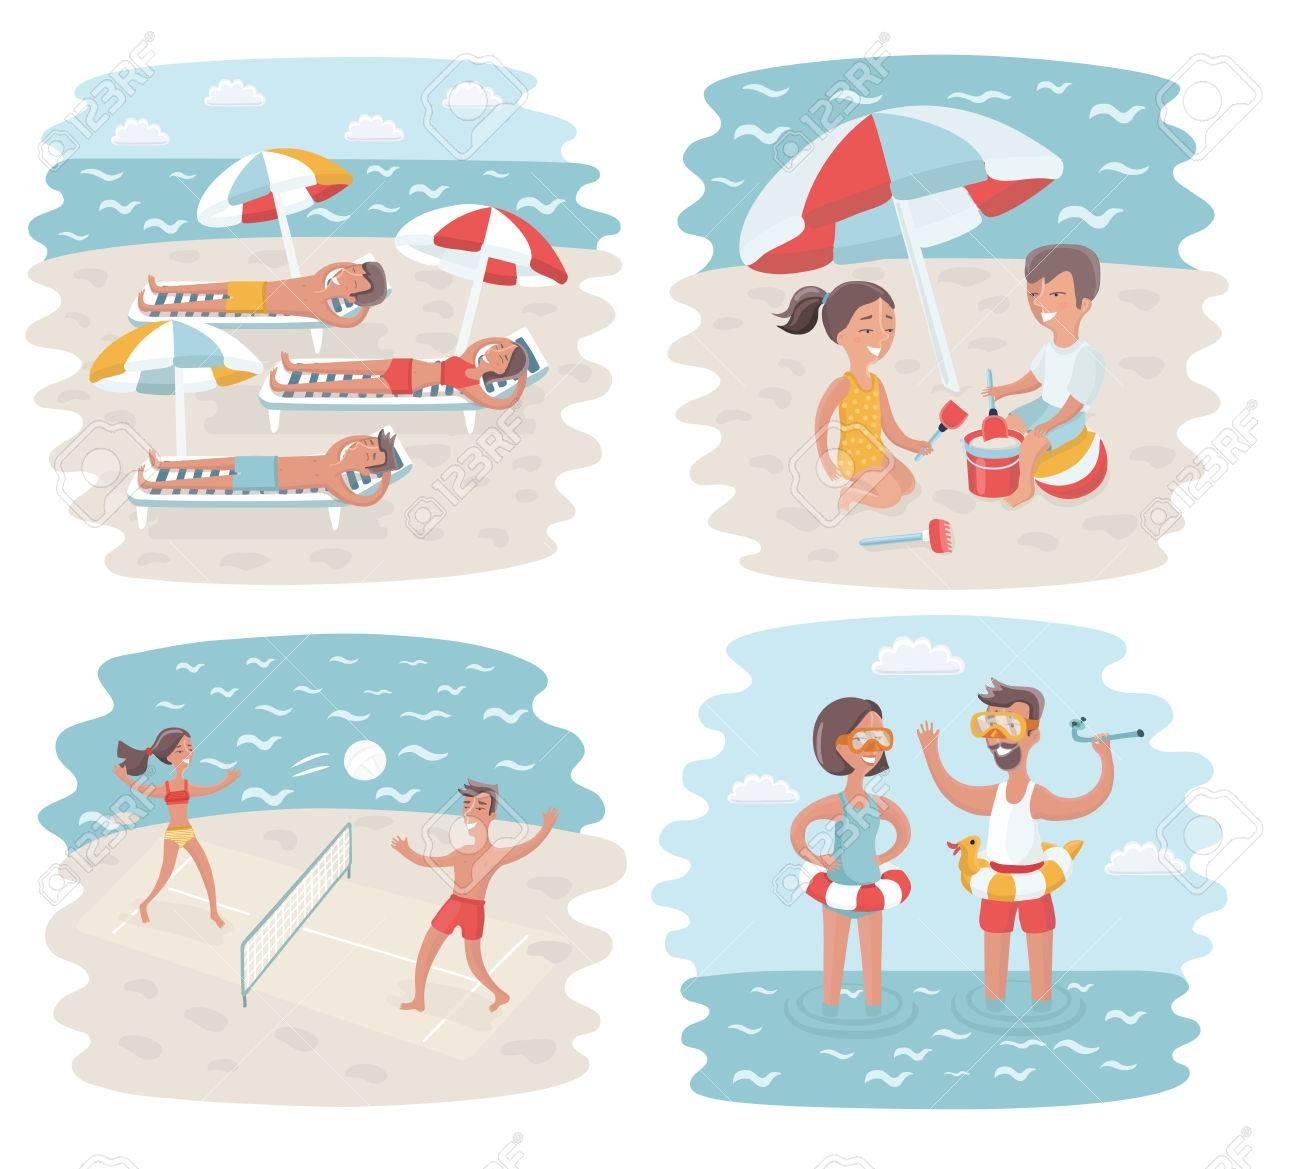 ベクトル crowded ビーチで晴れた日の漫画シーンの面白いイラスト